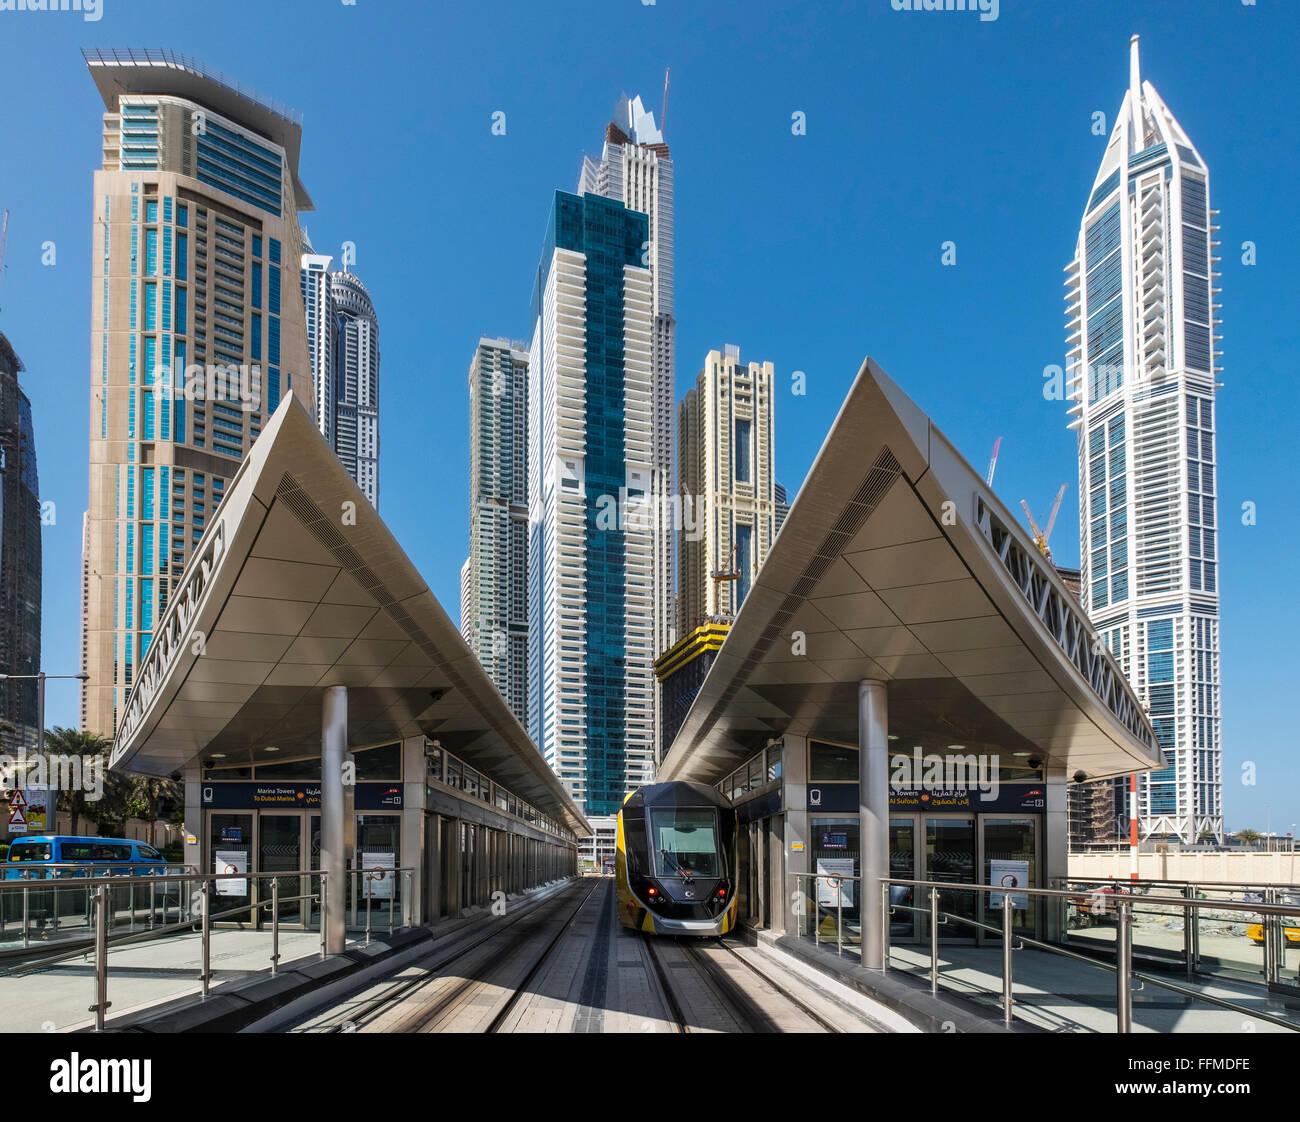 Moderne Bahnhof für Dubai Straßenbahnsystem in Vereinigte Arabische Emirate Stockbild